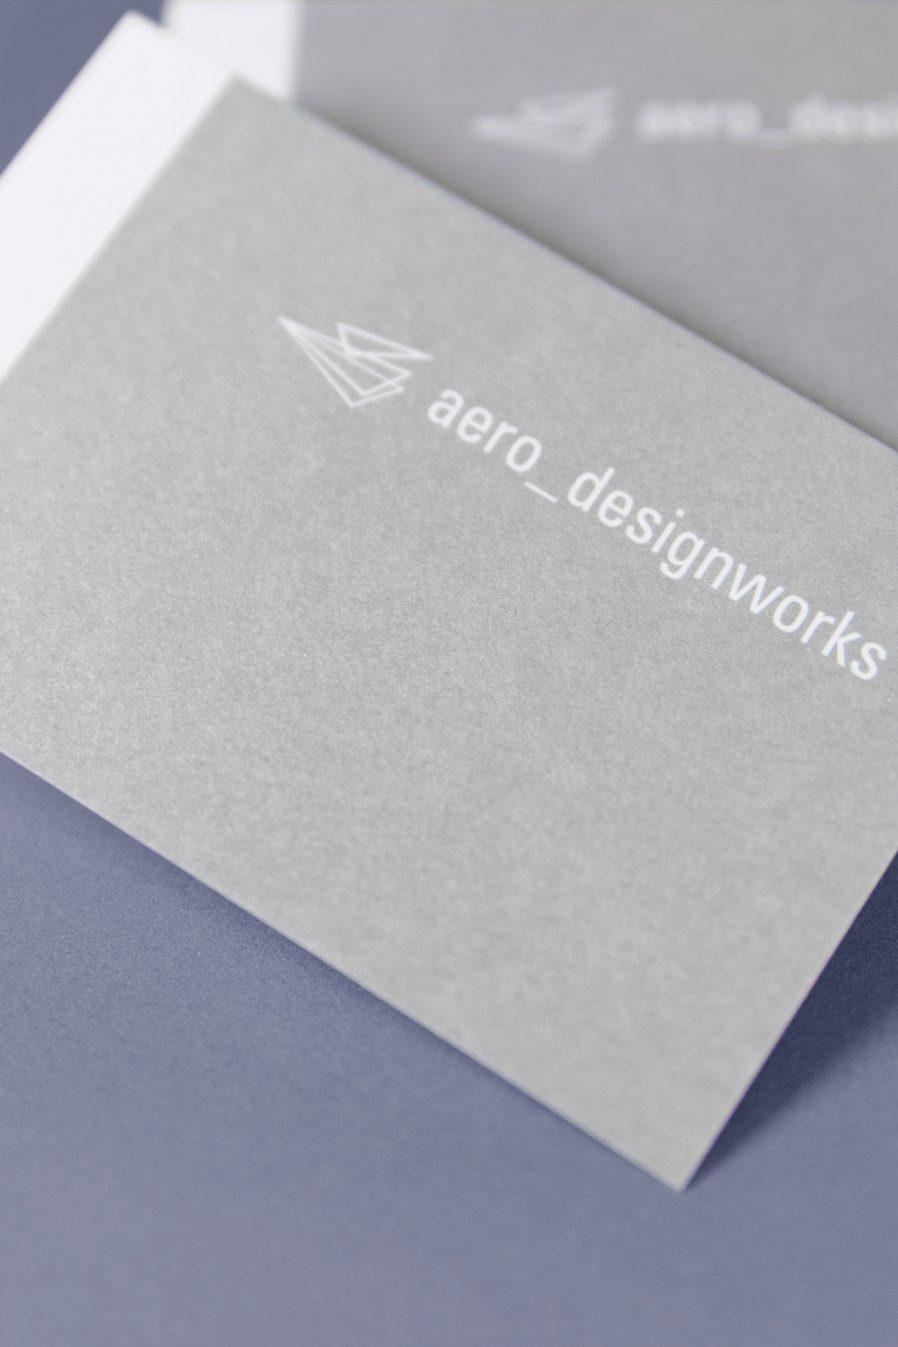 Visitenkarte | Sonderfarbe | Geschäftsausstattung |Logo Design |Wort- und Bildmarke